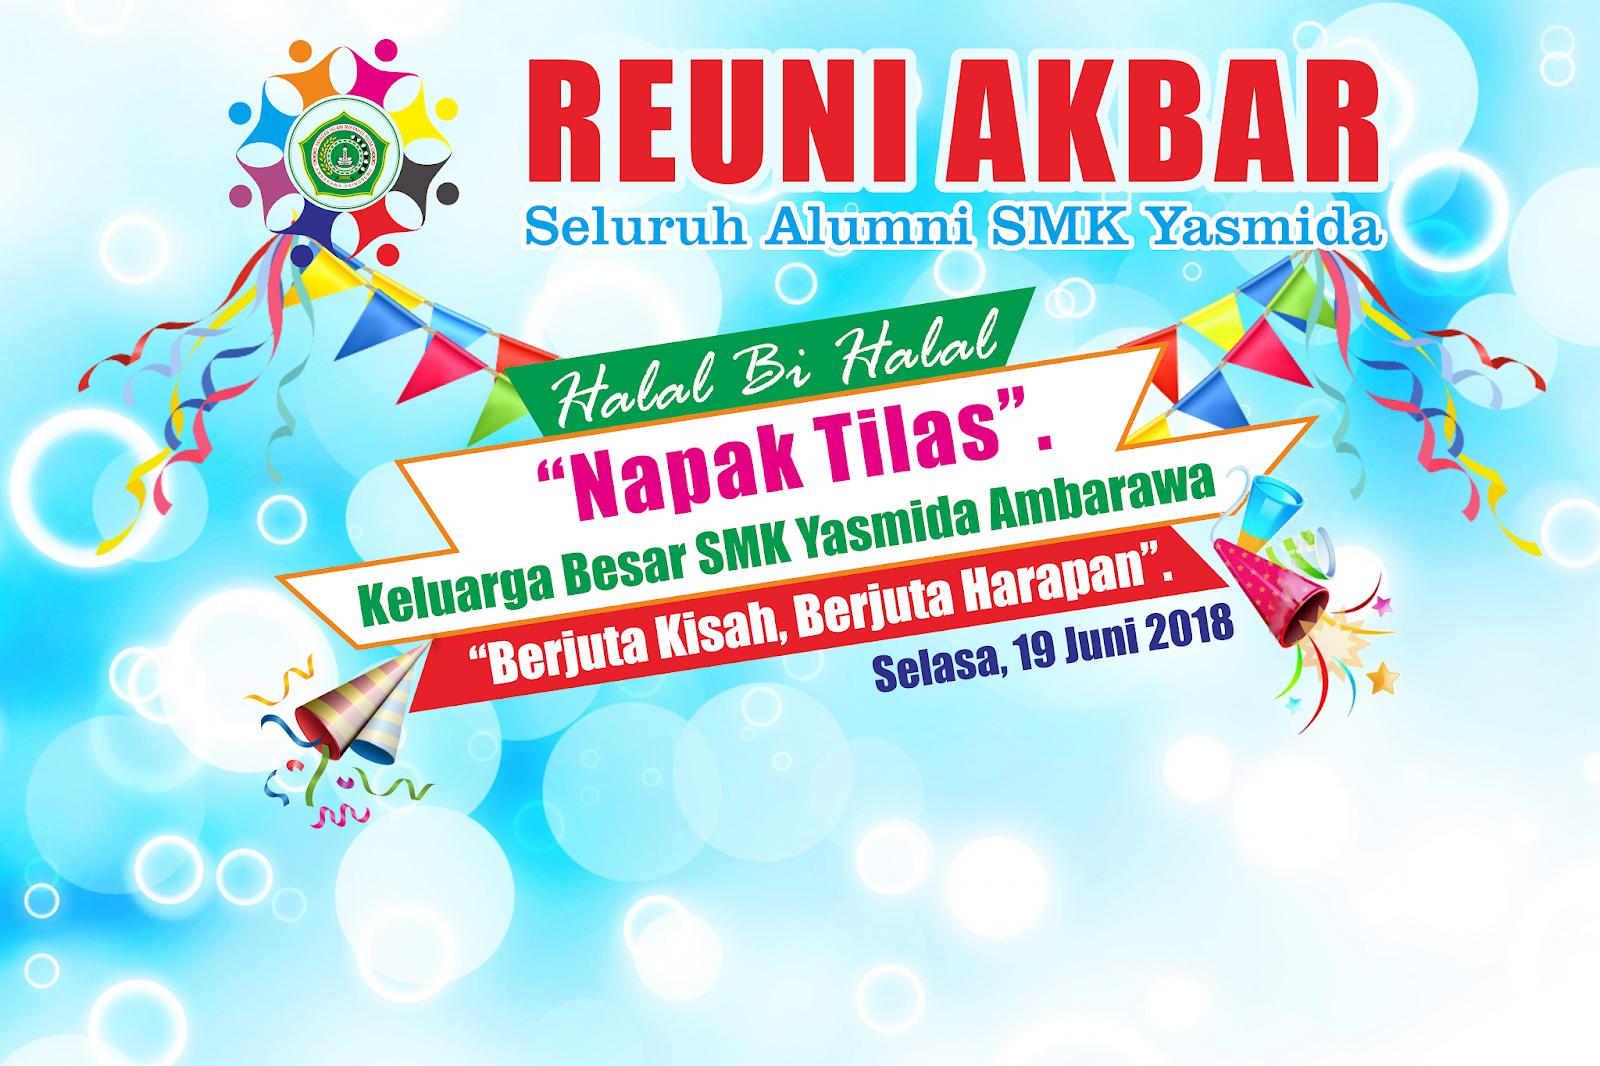 Design Banner Photobooth Reuni Akbar Alumni Abdur Rozak